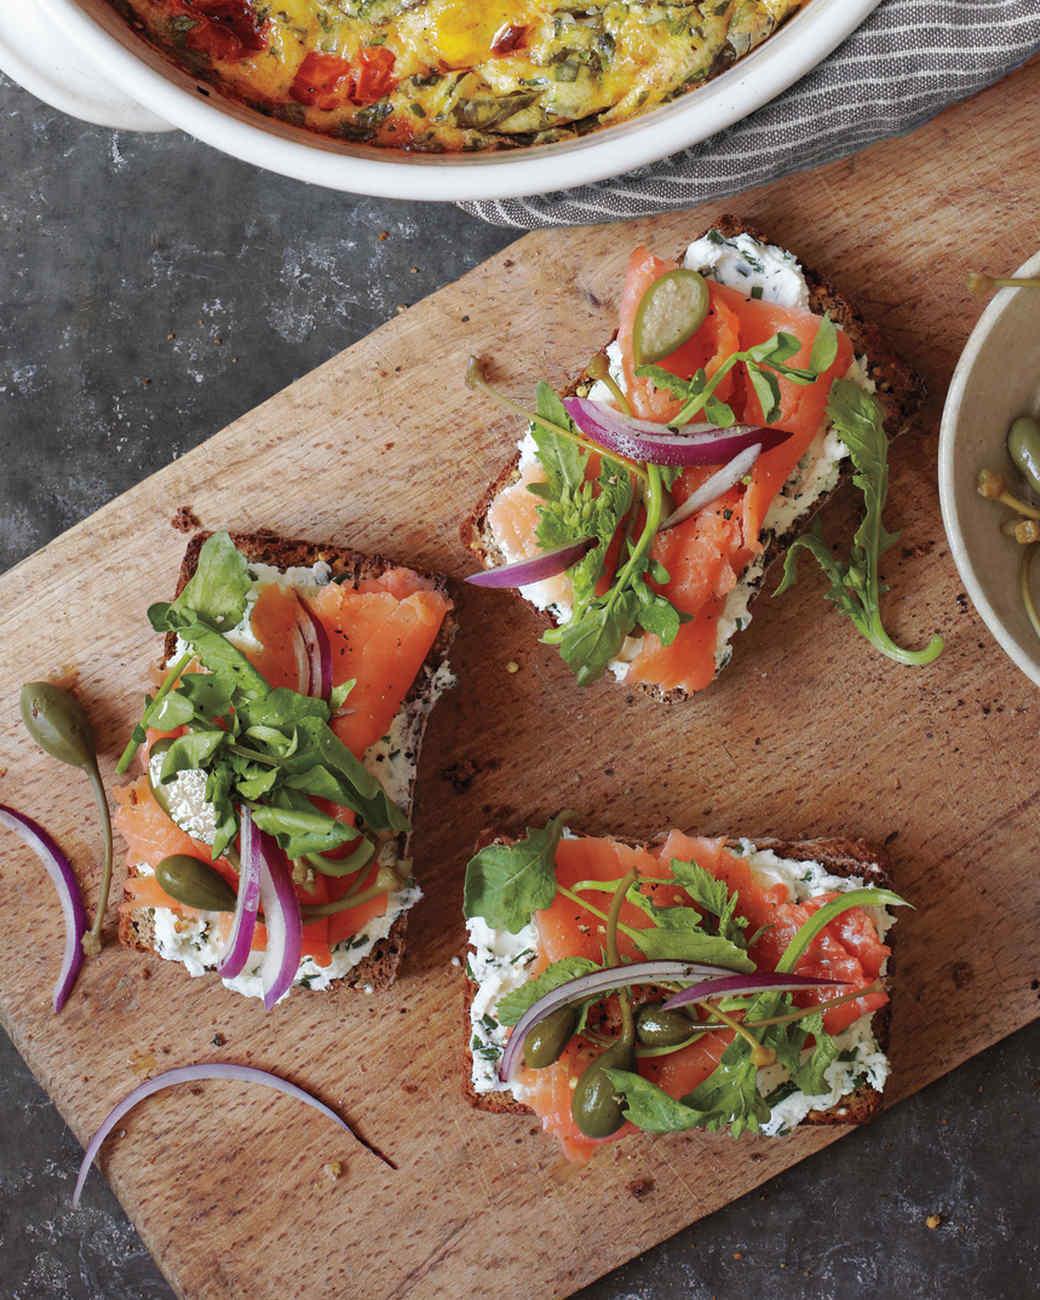 aran-goyoaga-tartines-salmon-mbd109086.jpg